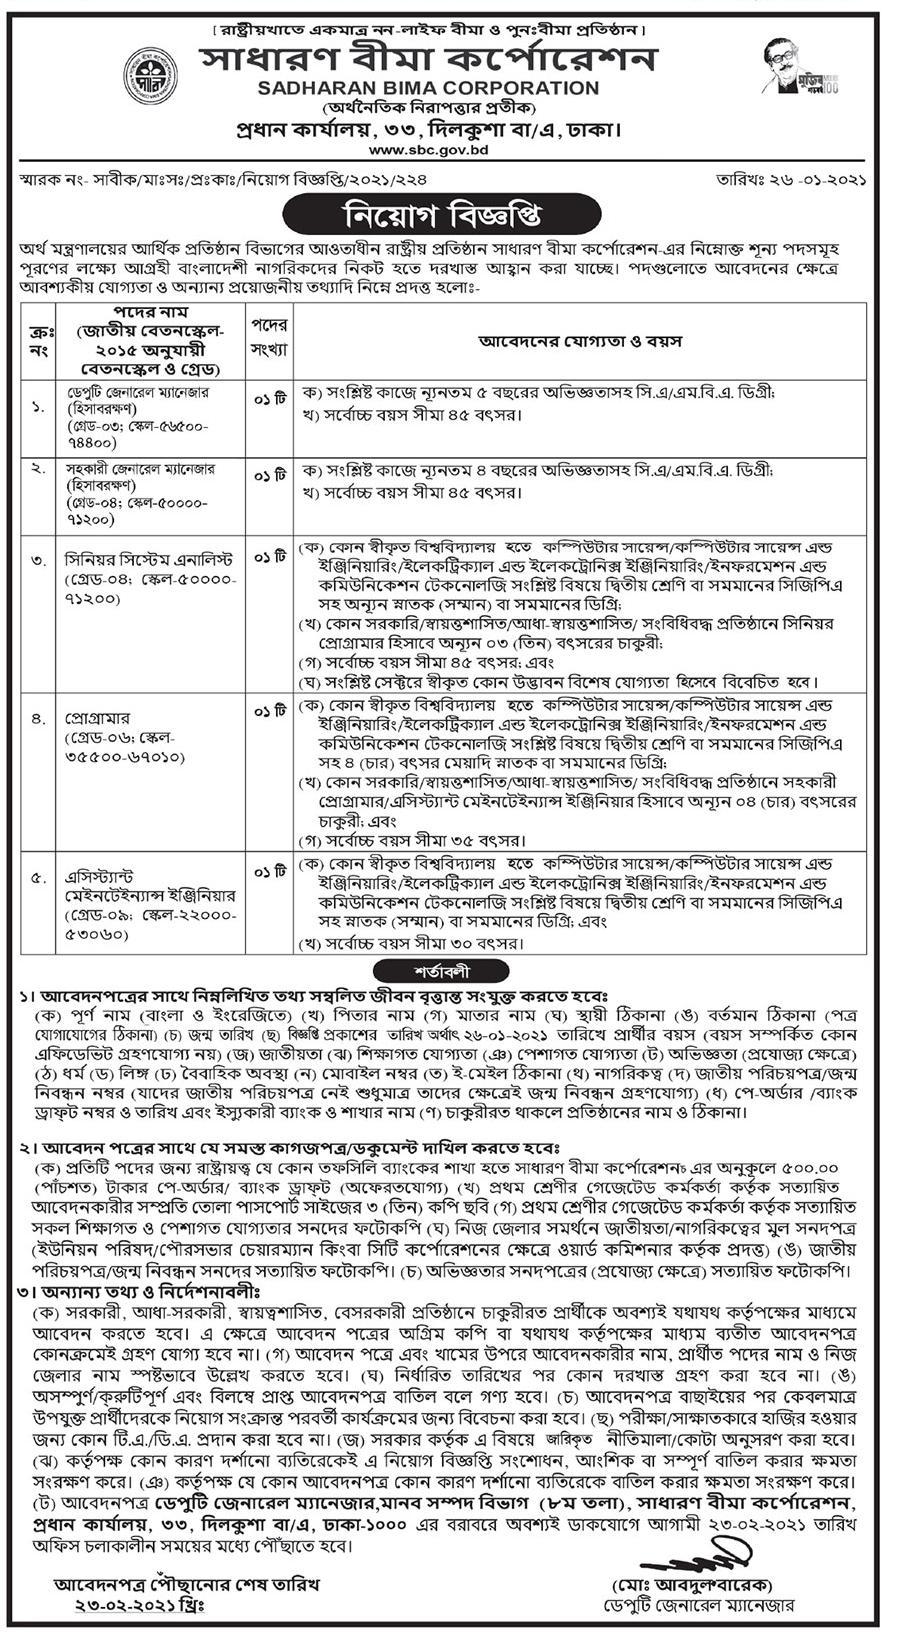 সাধারণ বীমা কর্পোরেশন নিয়োগ বিজ্ঞপ্তি ২০২১ - bangladesh protidin potrika job circular